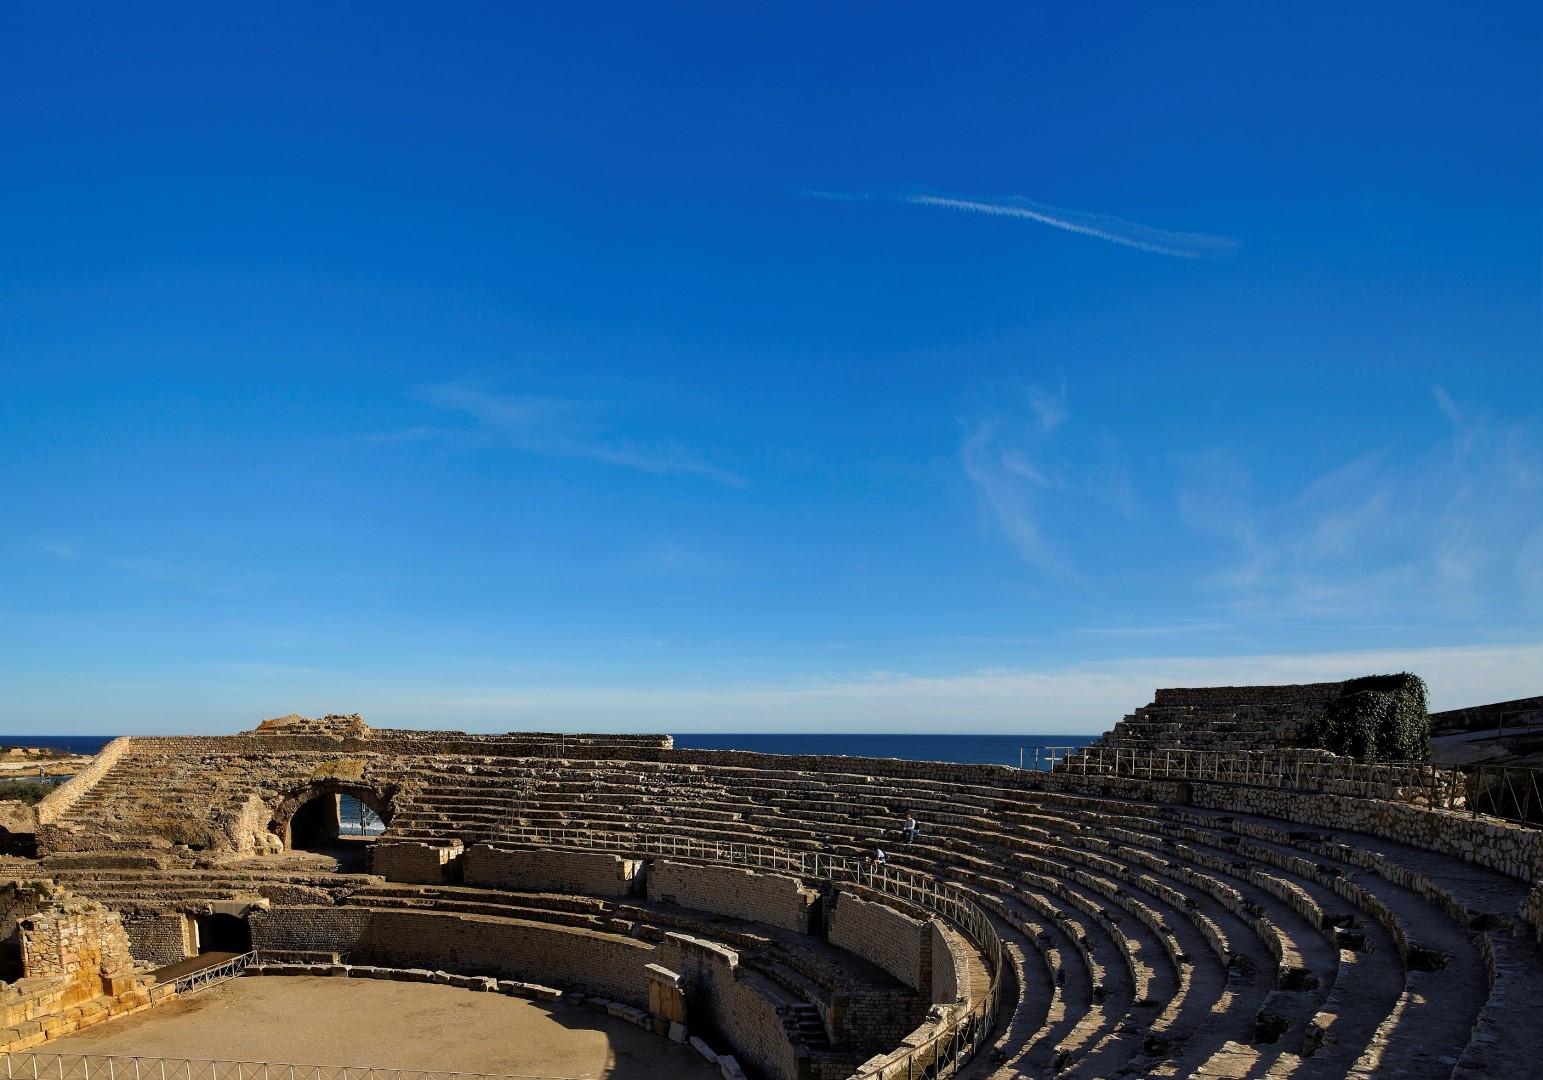 Amfiteatre romˆ, Patrimoni Mundial UNESCO,Tarragona, Tarragons, Tarragona